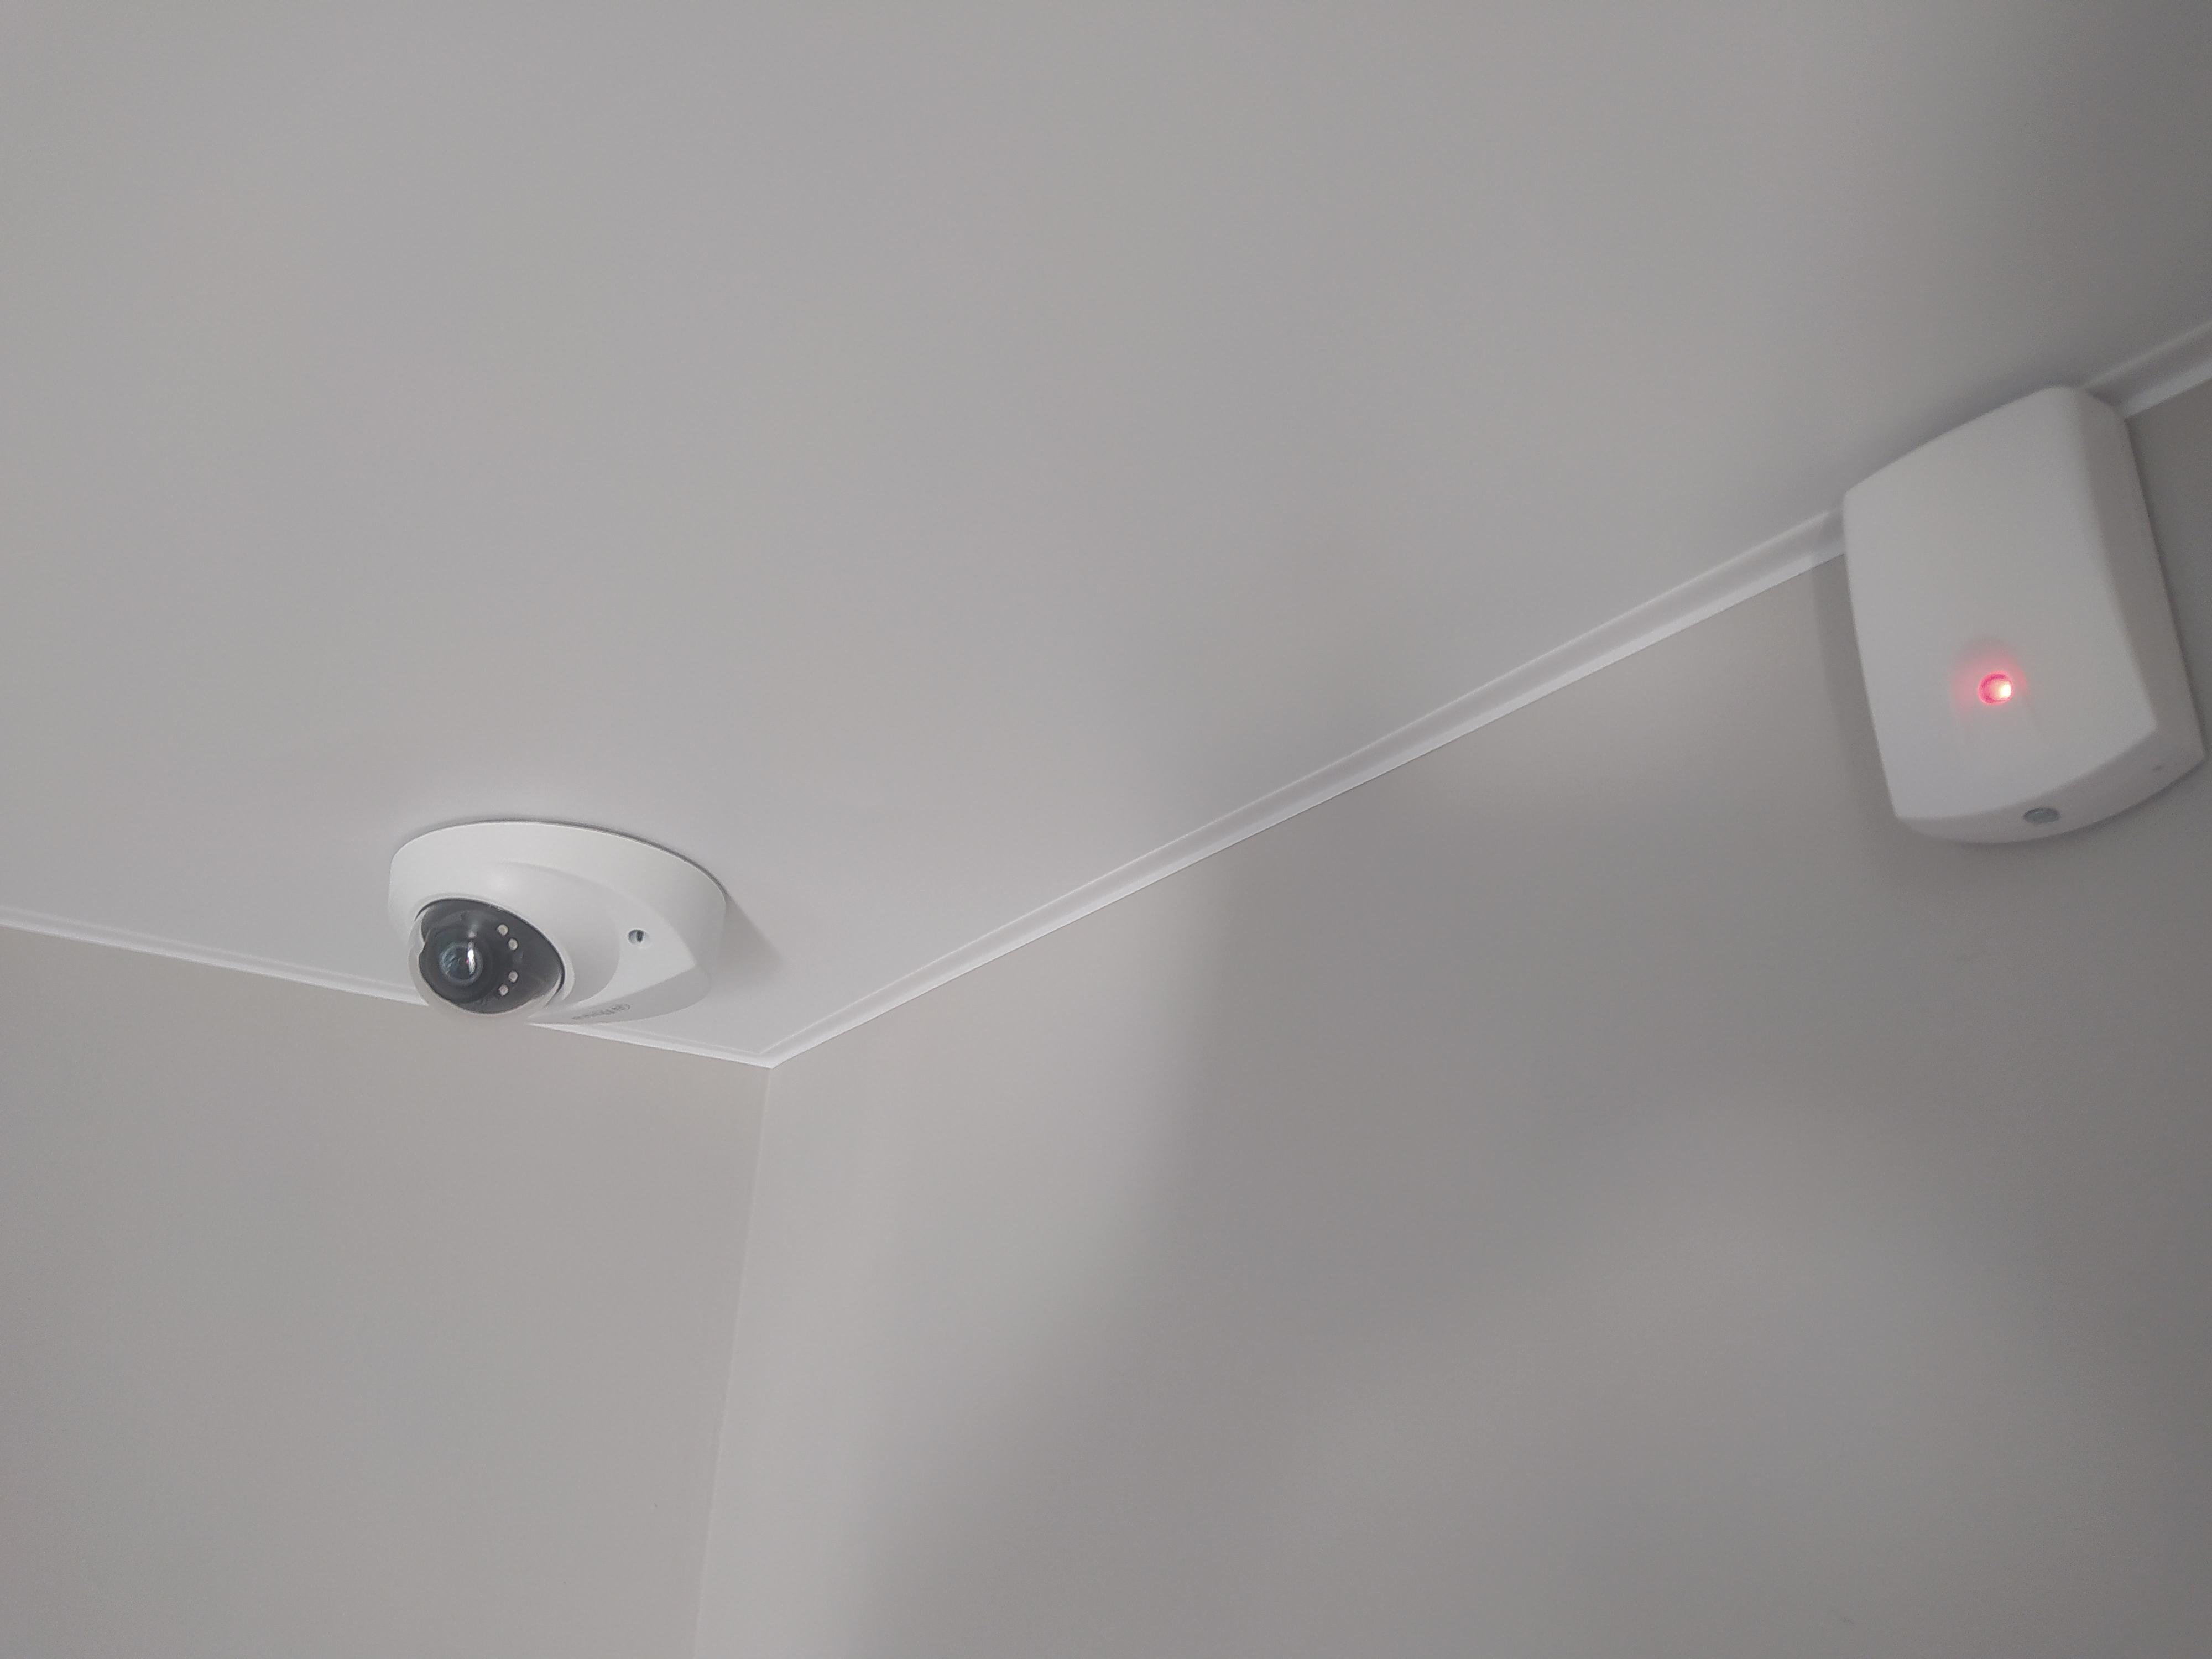 Фото Монтаж камеры видеонаблюдения с возможностью отключения камеры пультом, без выключения регистратора